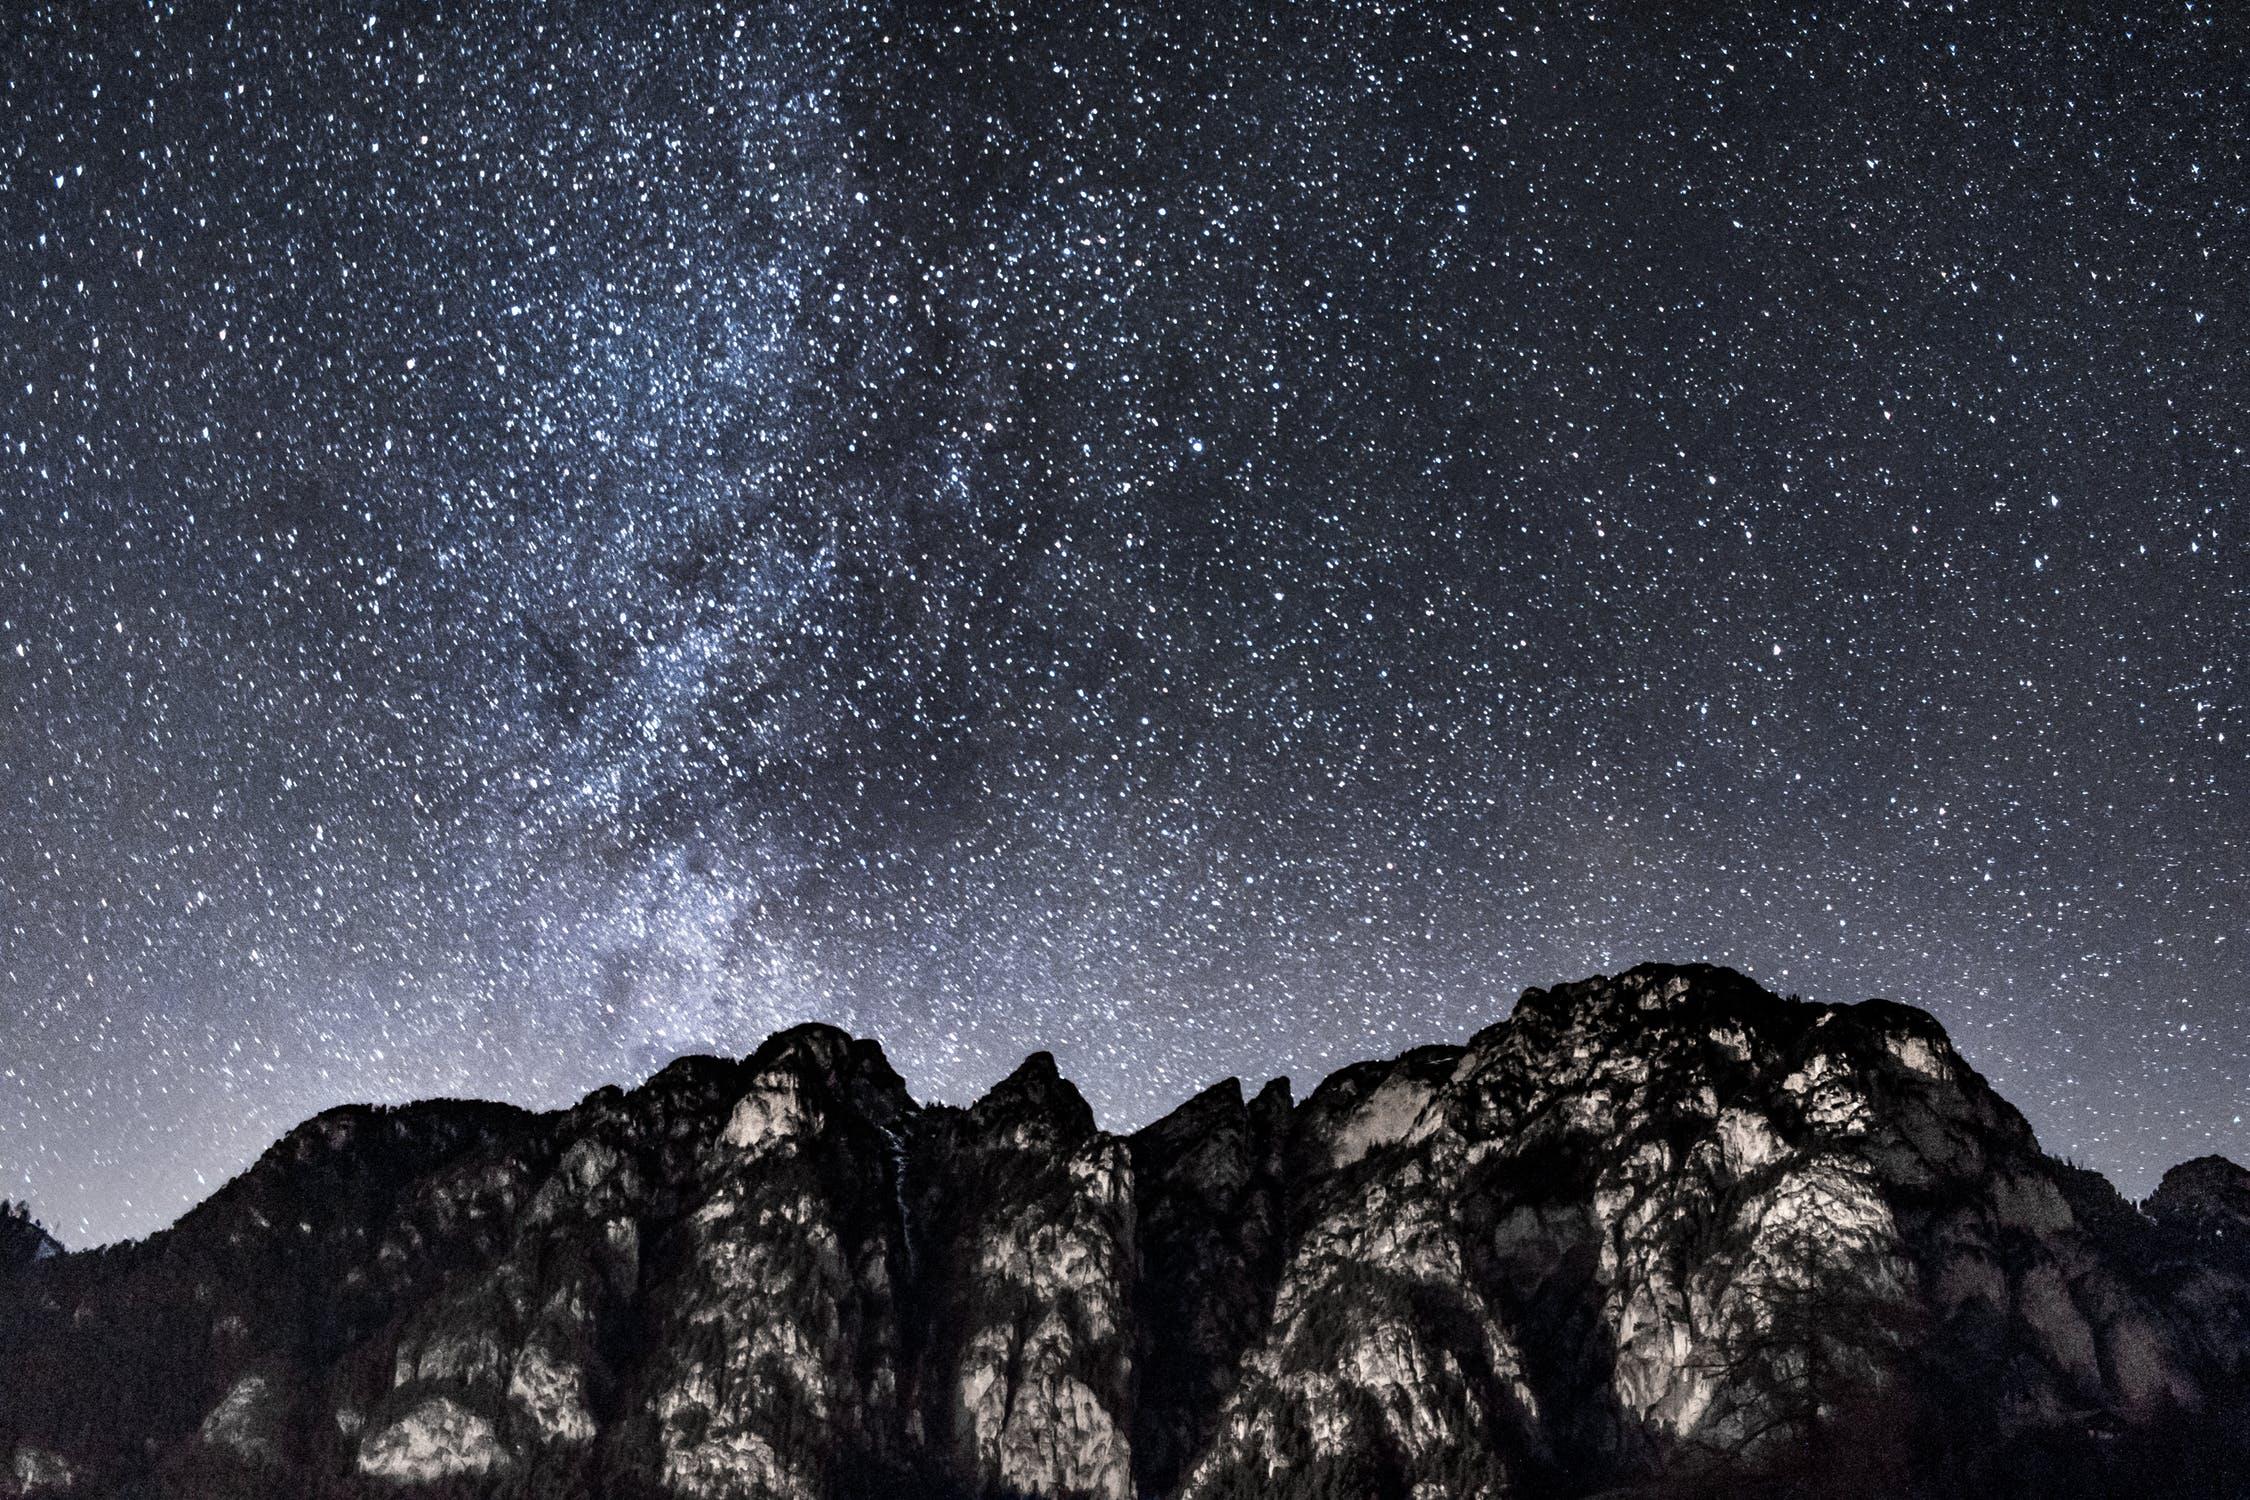 Stjärnor över ett berg